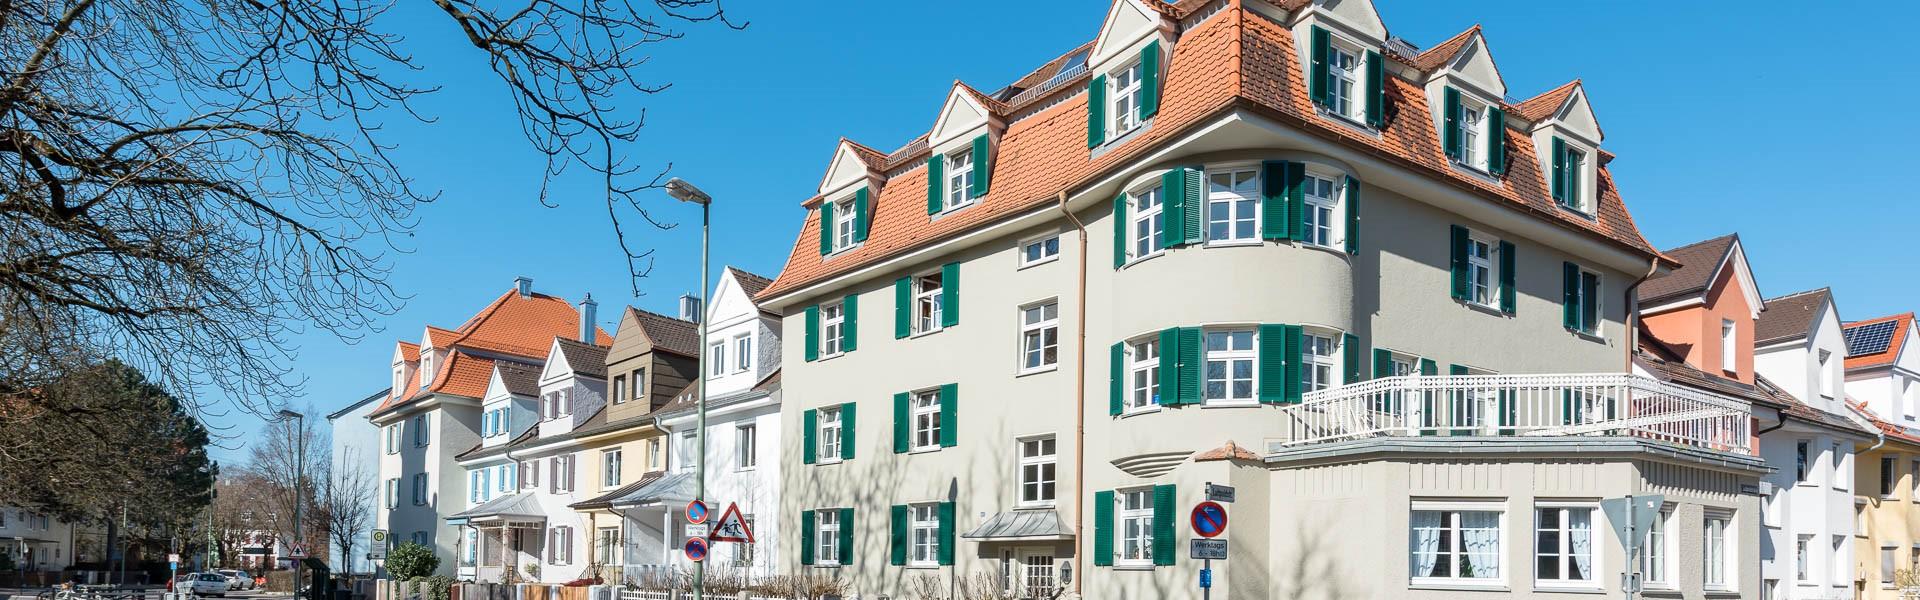 Scherer_Immobilien_Hans-Adlhoch-Str._Augsburg